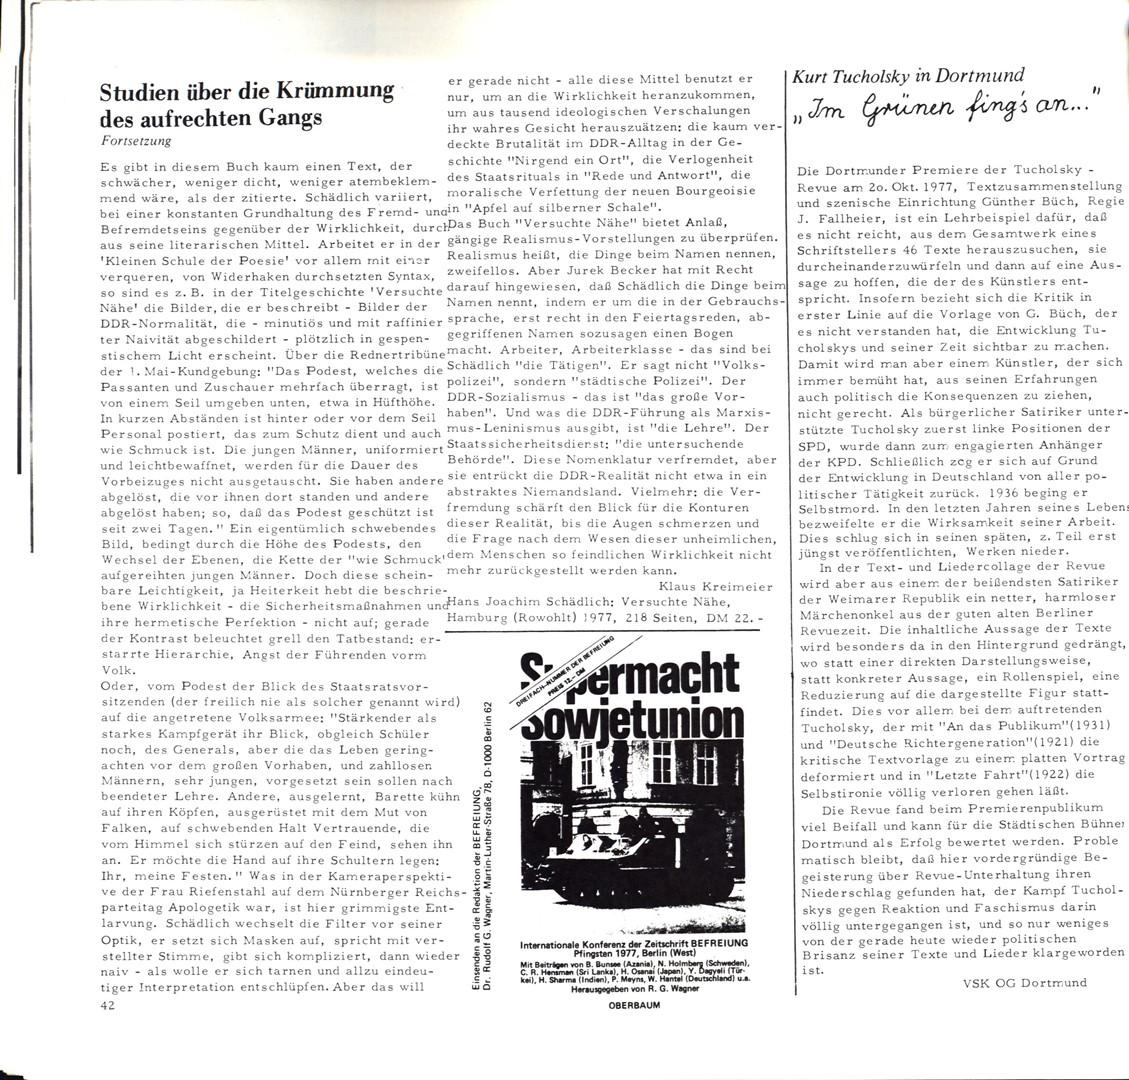 VSK_Kaempfende_Kunst_19771200_42